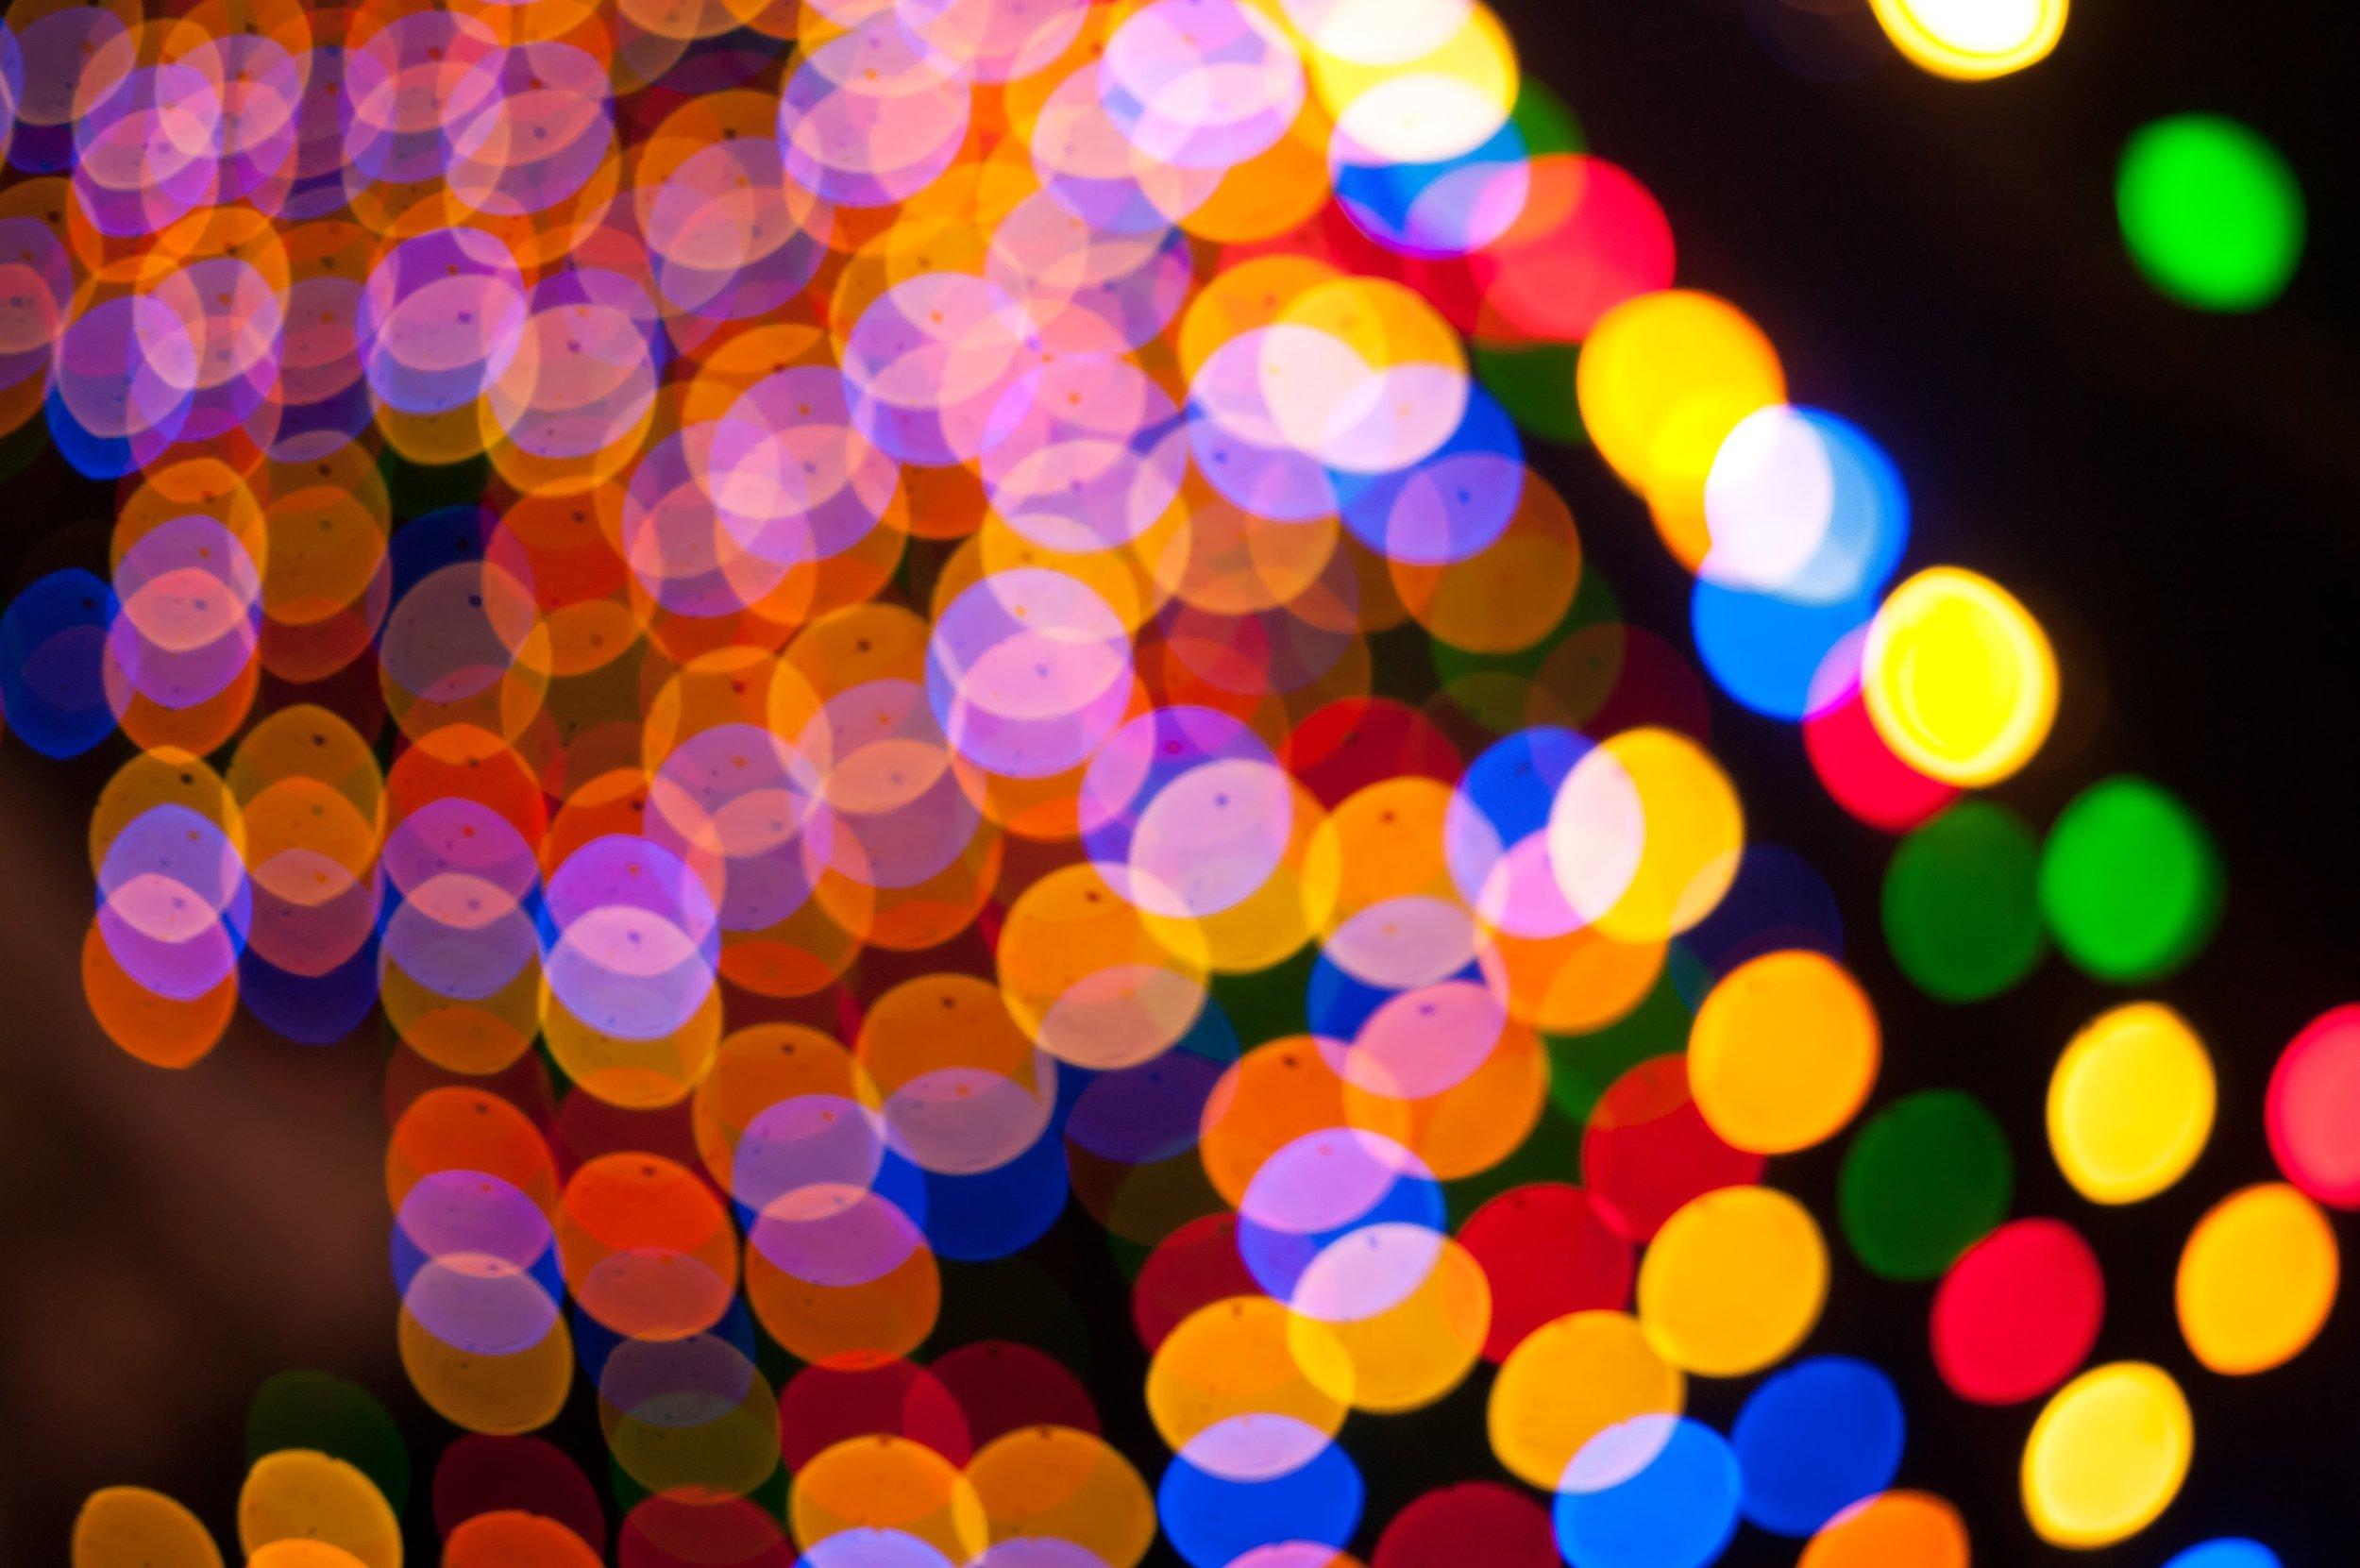 art-blur-bright-721200.jpg